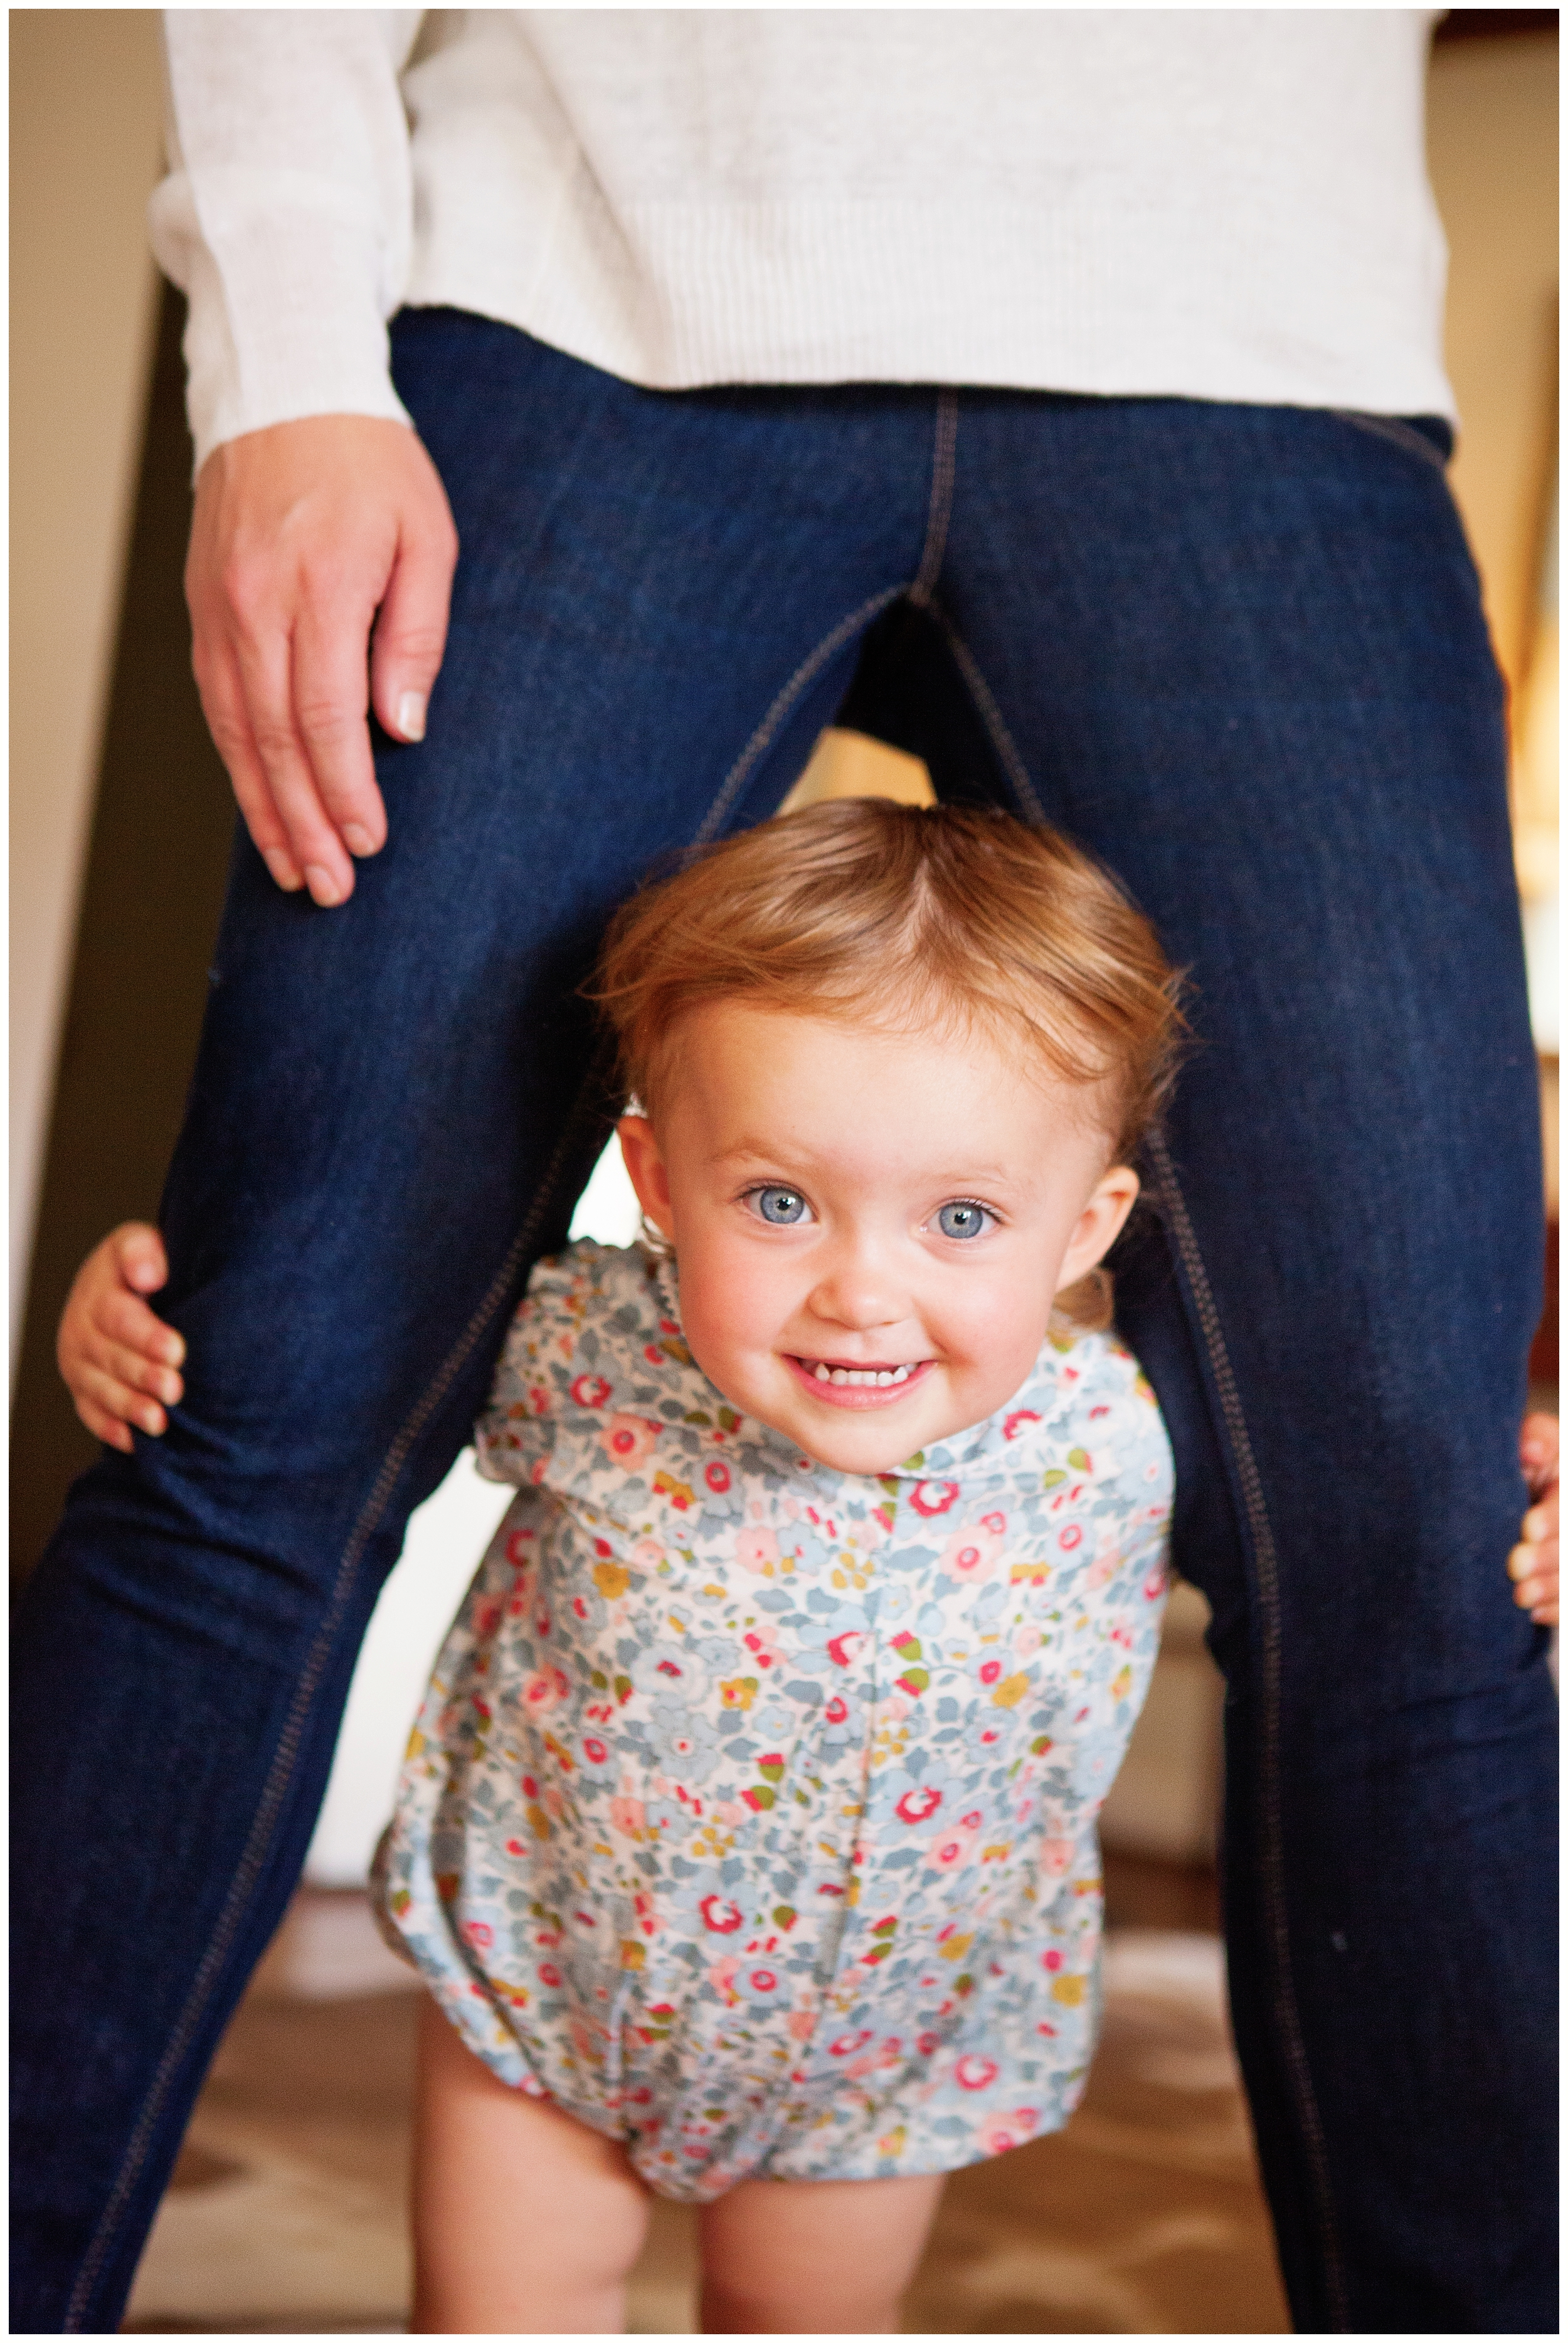 lexington-ky-family-lifestyle-photos-by-priscilla-baierlein_0007.jpg